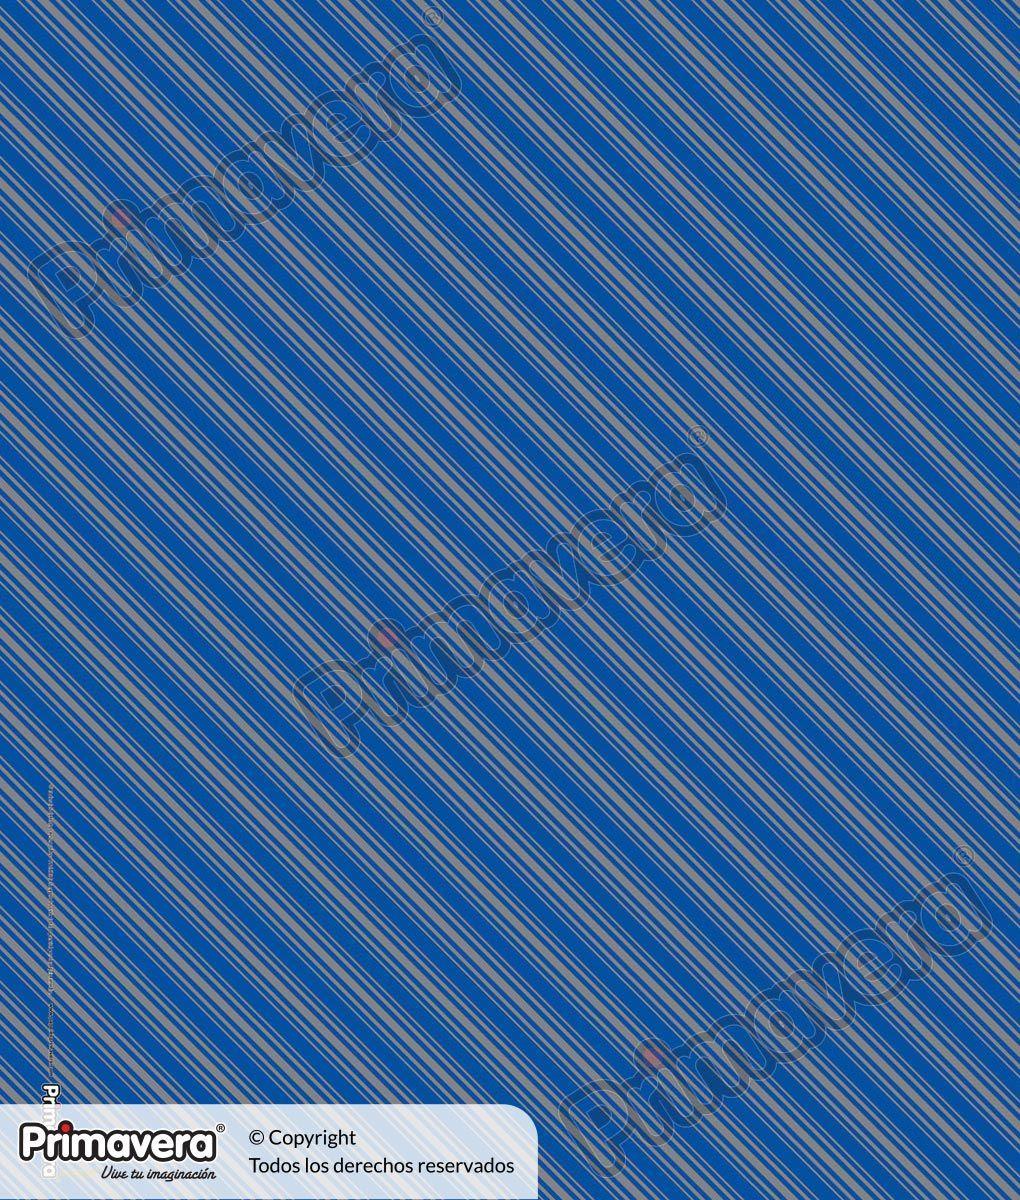 Papel regalo Toda Ocasión 1-481-144 http://envoltura.papelesprimavera.com/product/papel-regalo-toda-ocasion-1-481-144/